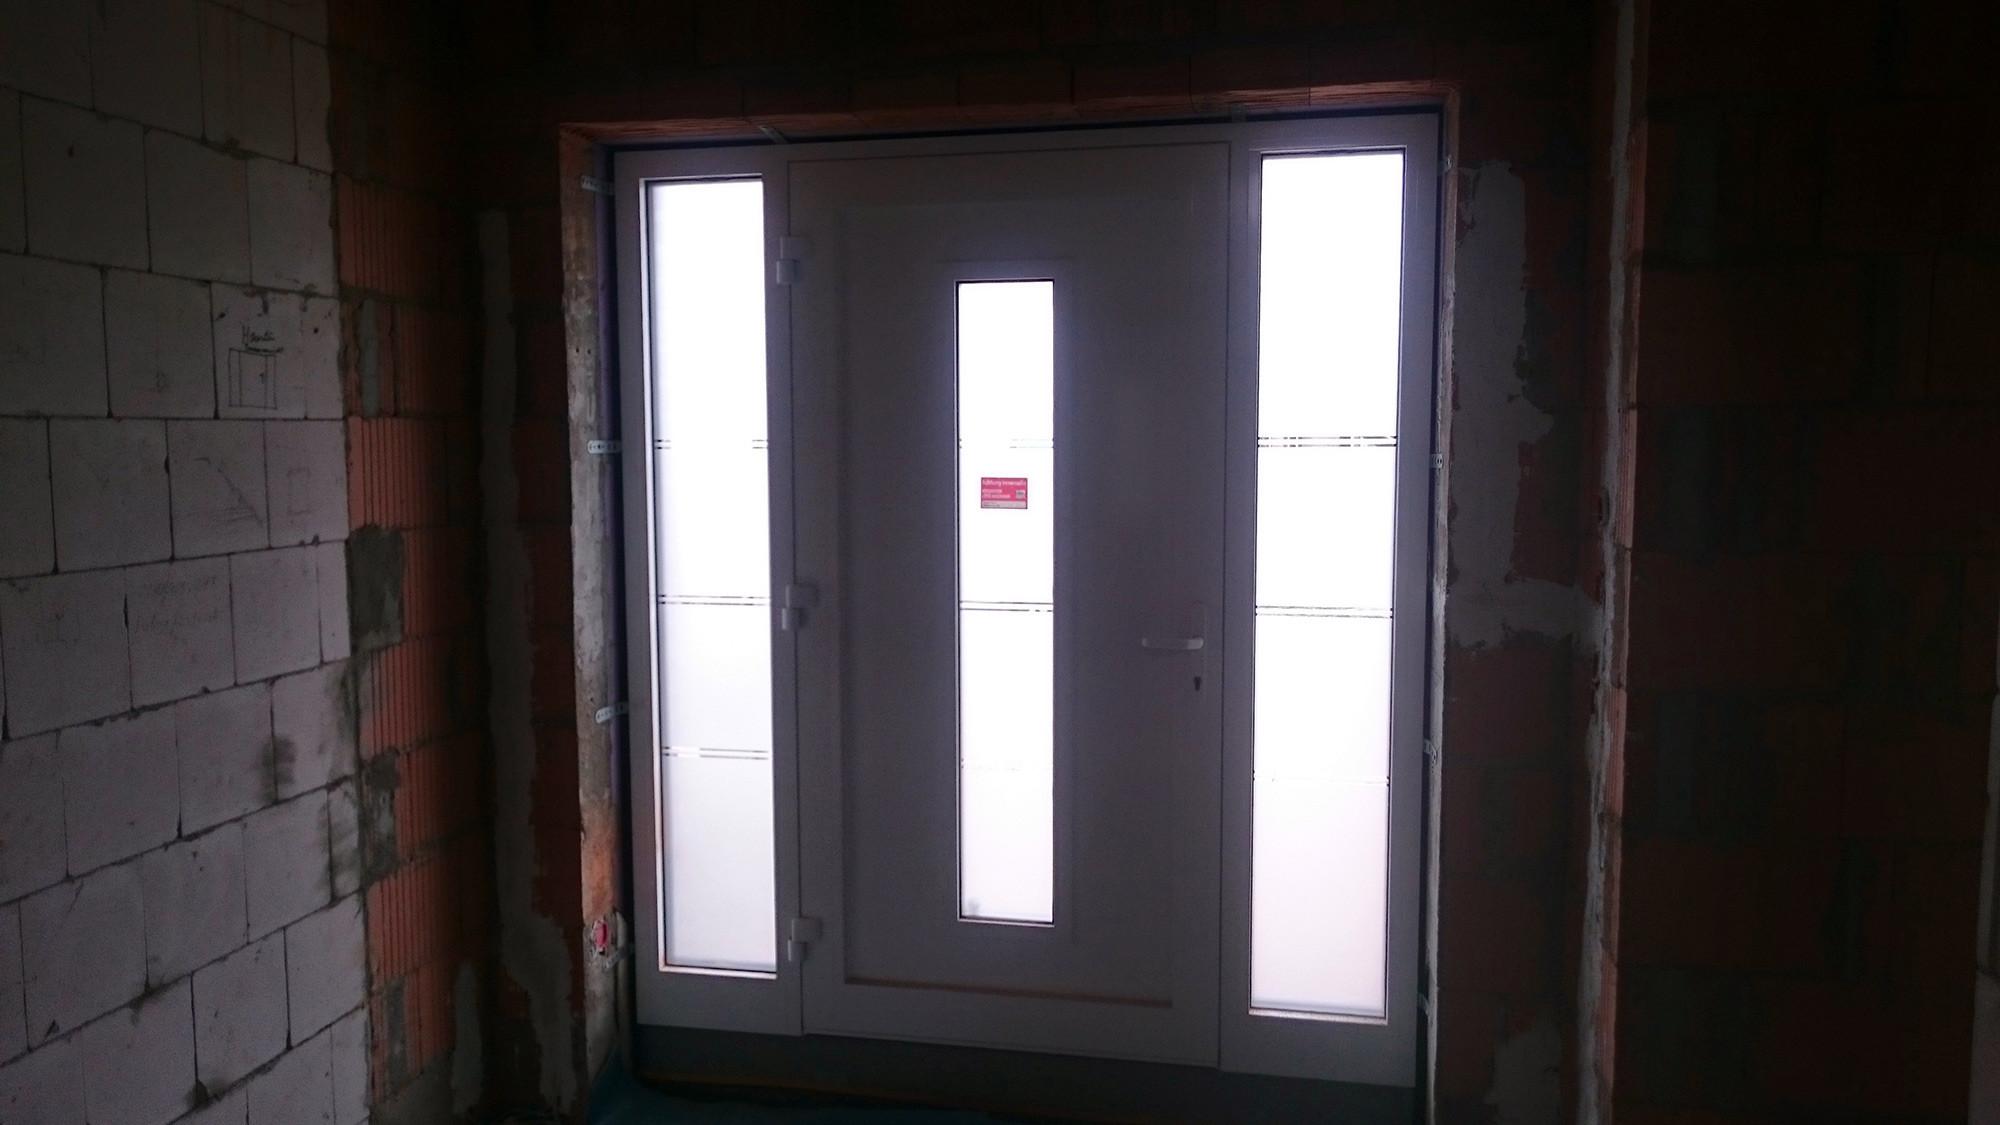 Br mse fenster premium 2 0 und haust r eingebaut - Fenster beschlagen von innen bei kalte ...